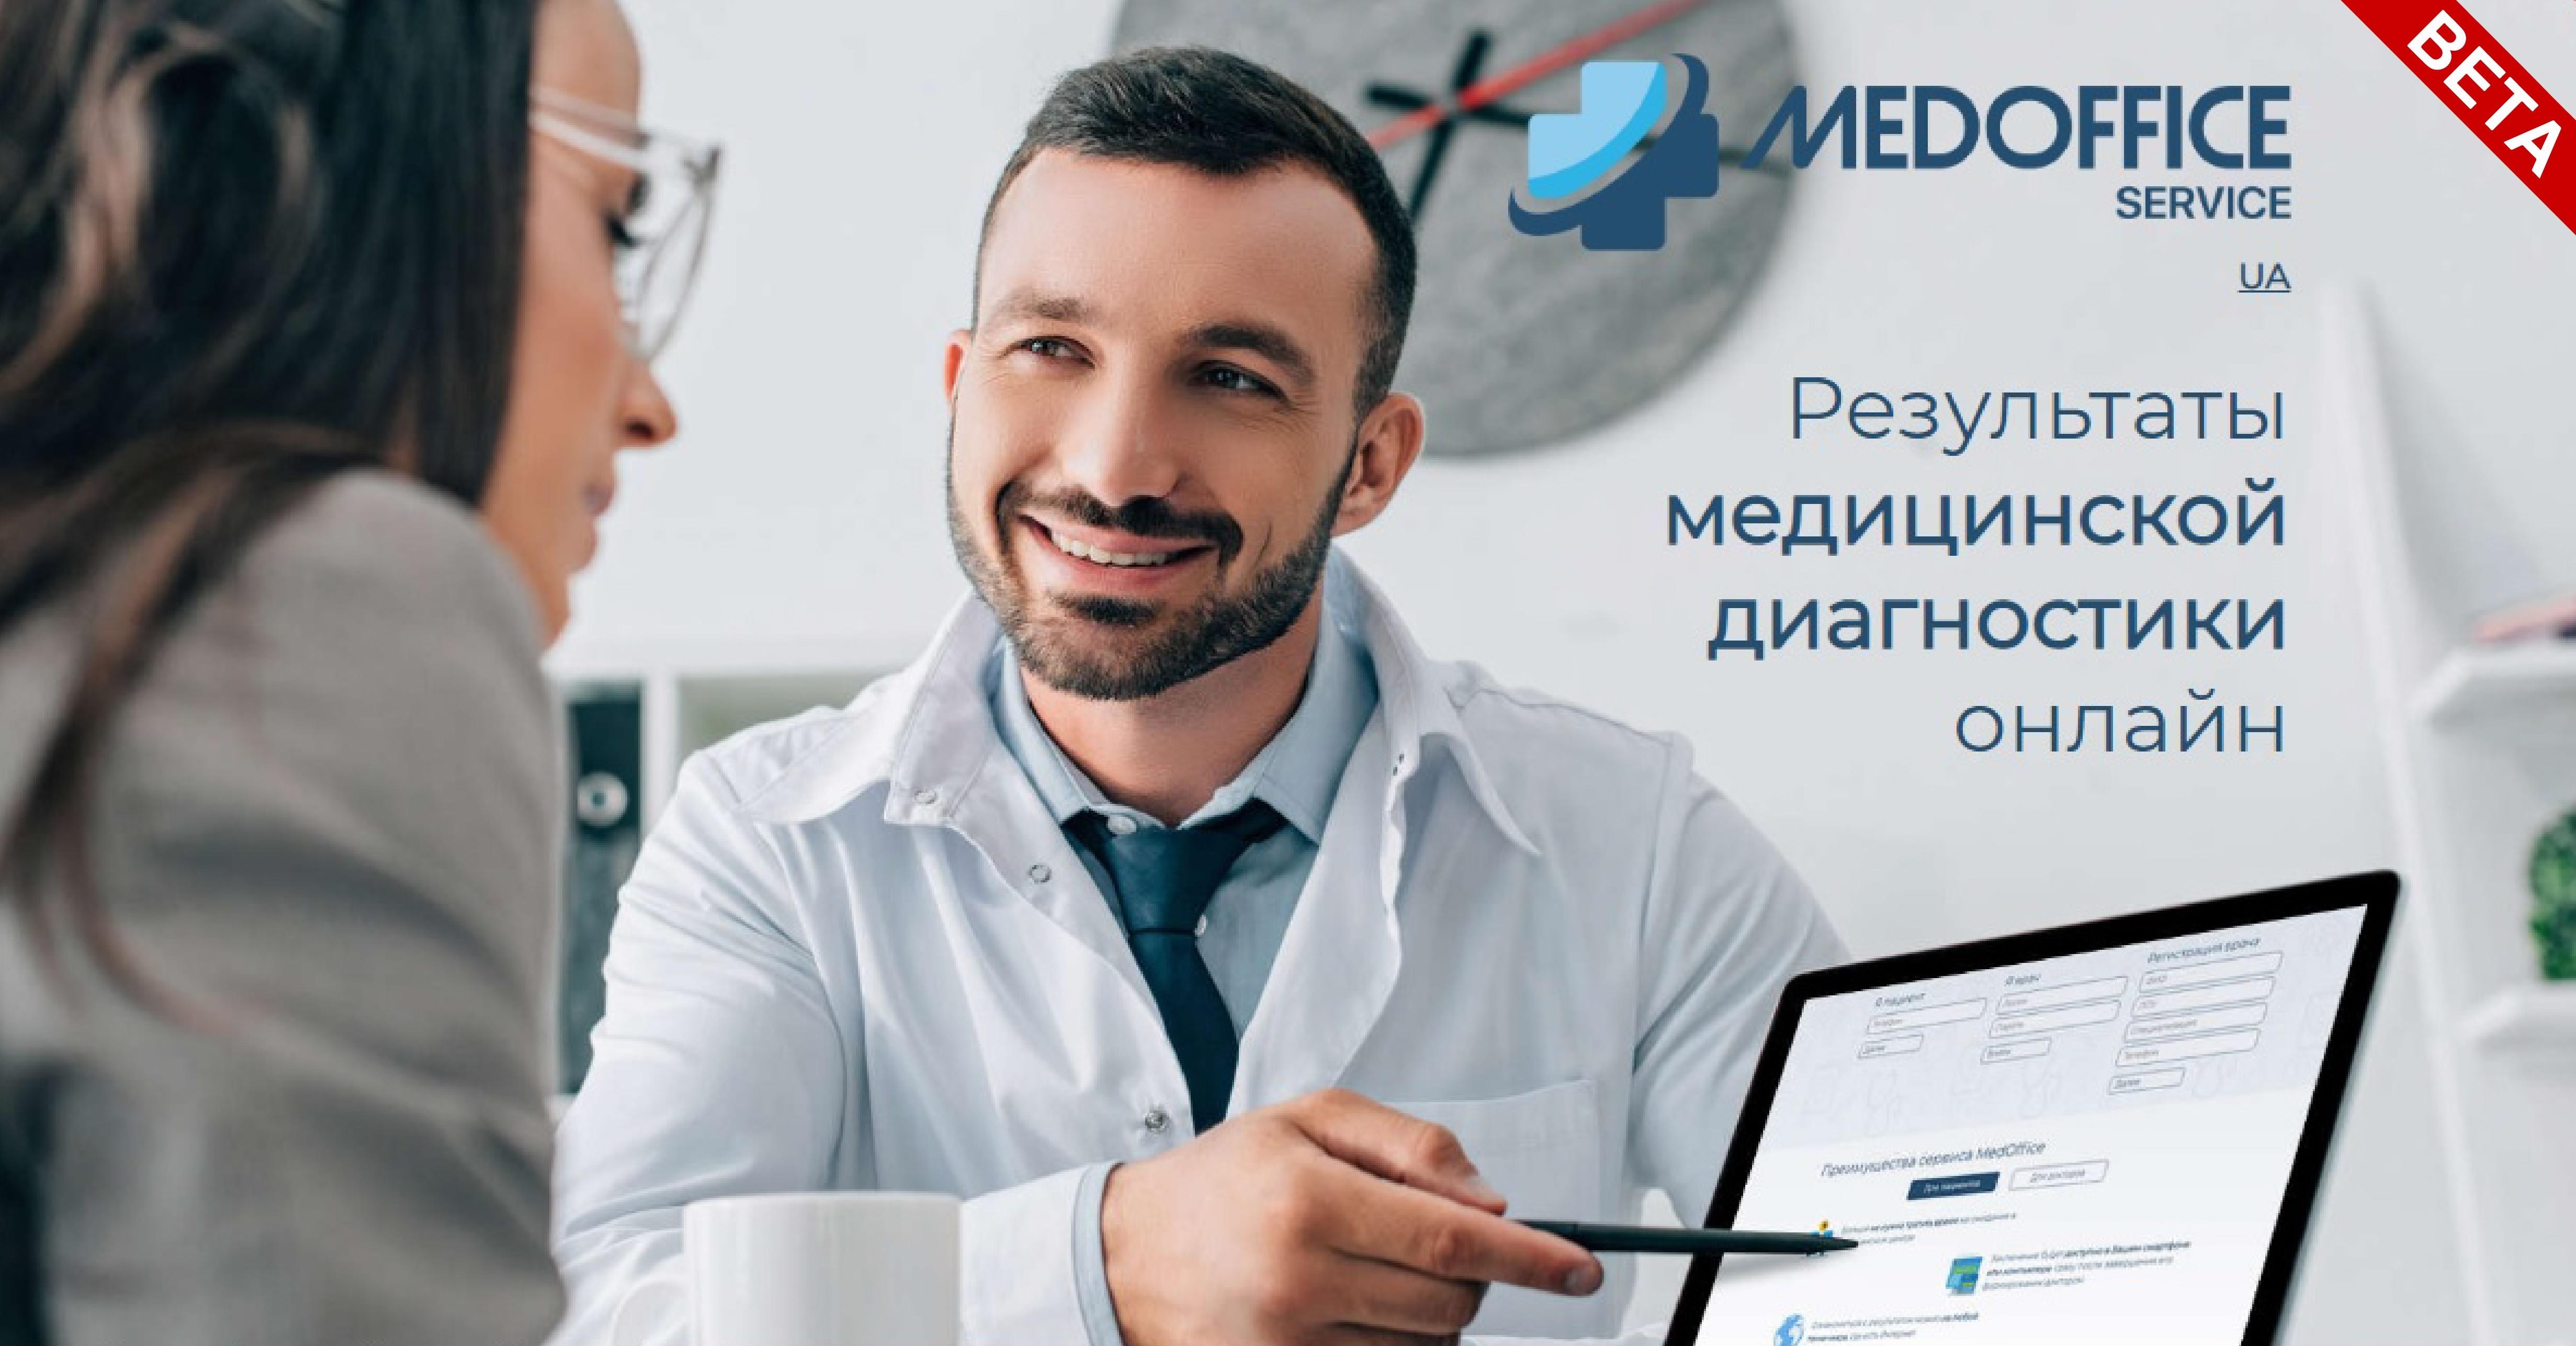 MedOffice